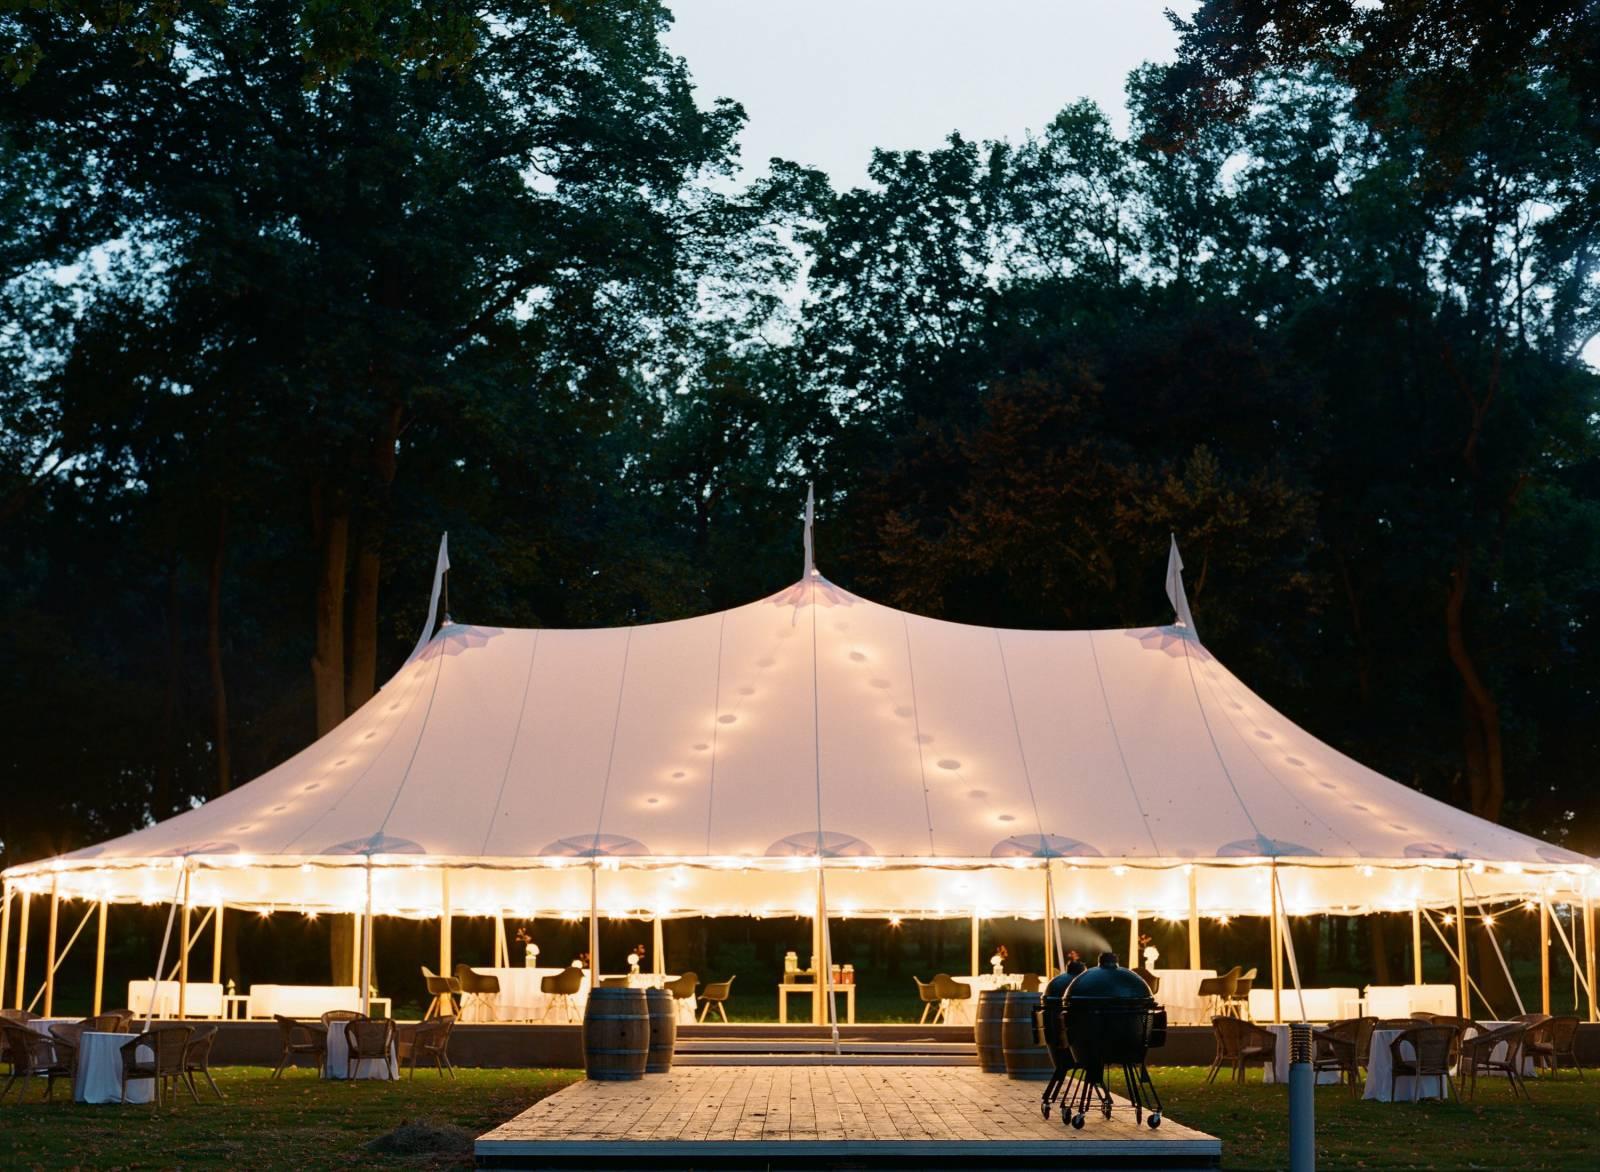 Organic-Concepts - Tenten - Feesttenten - Verhuur Tenten - Silhouette tent - House of Events - 7